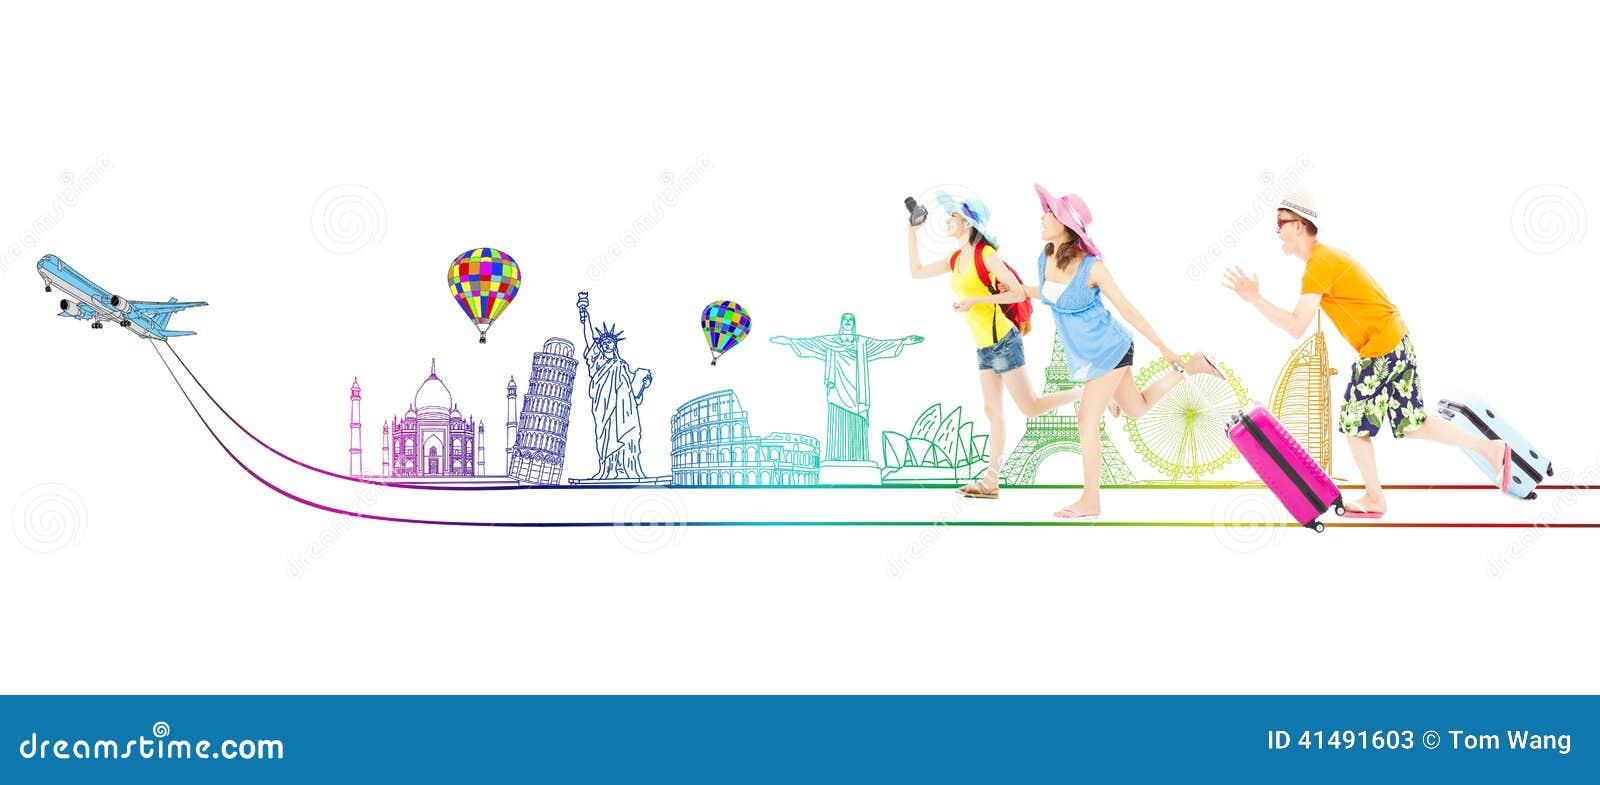 Viajar Por Todo El Mundo Viajar Por Todo El Mundo Dibujo A: Los Backpackers Jovenes Felices Van A Viajar Por Todo El